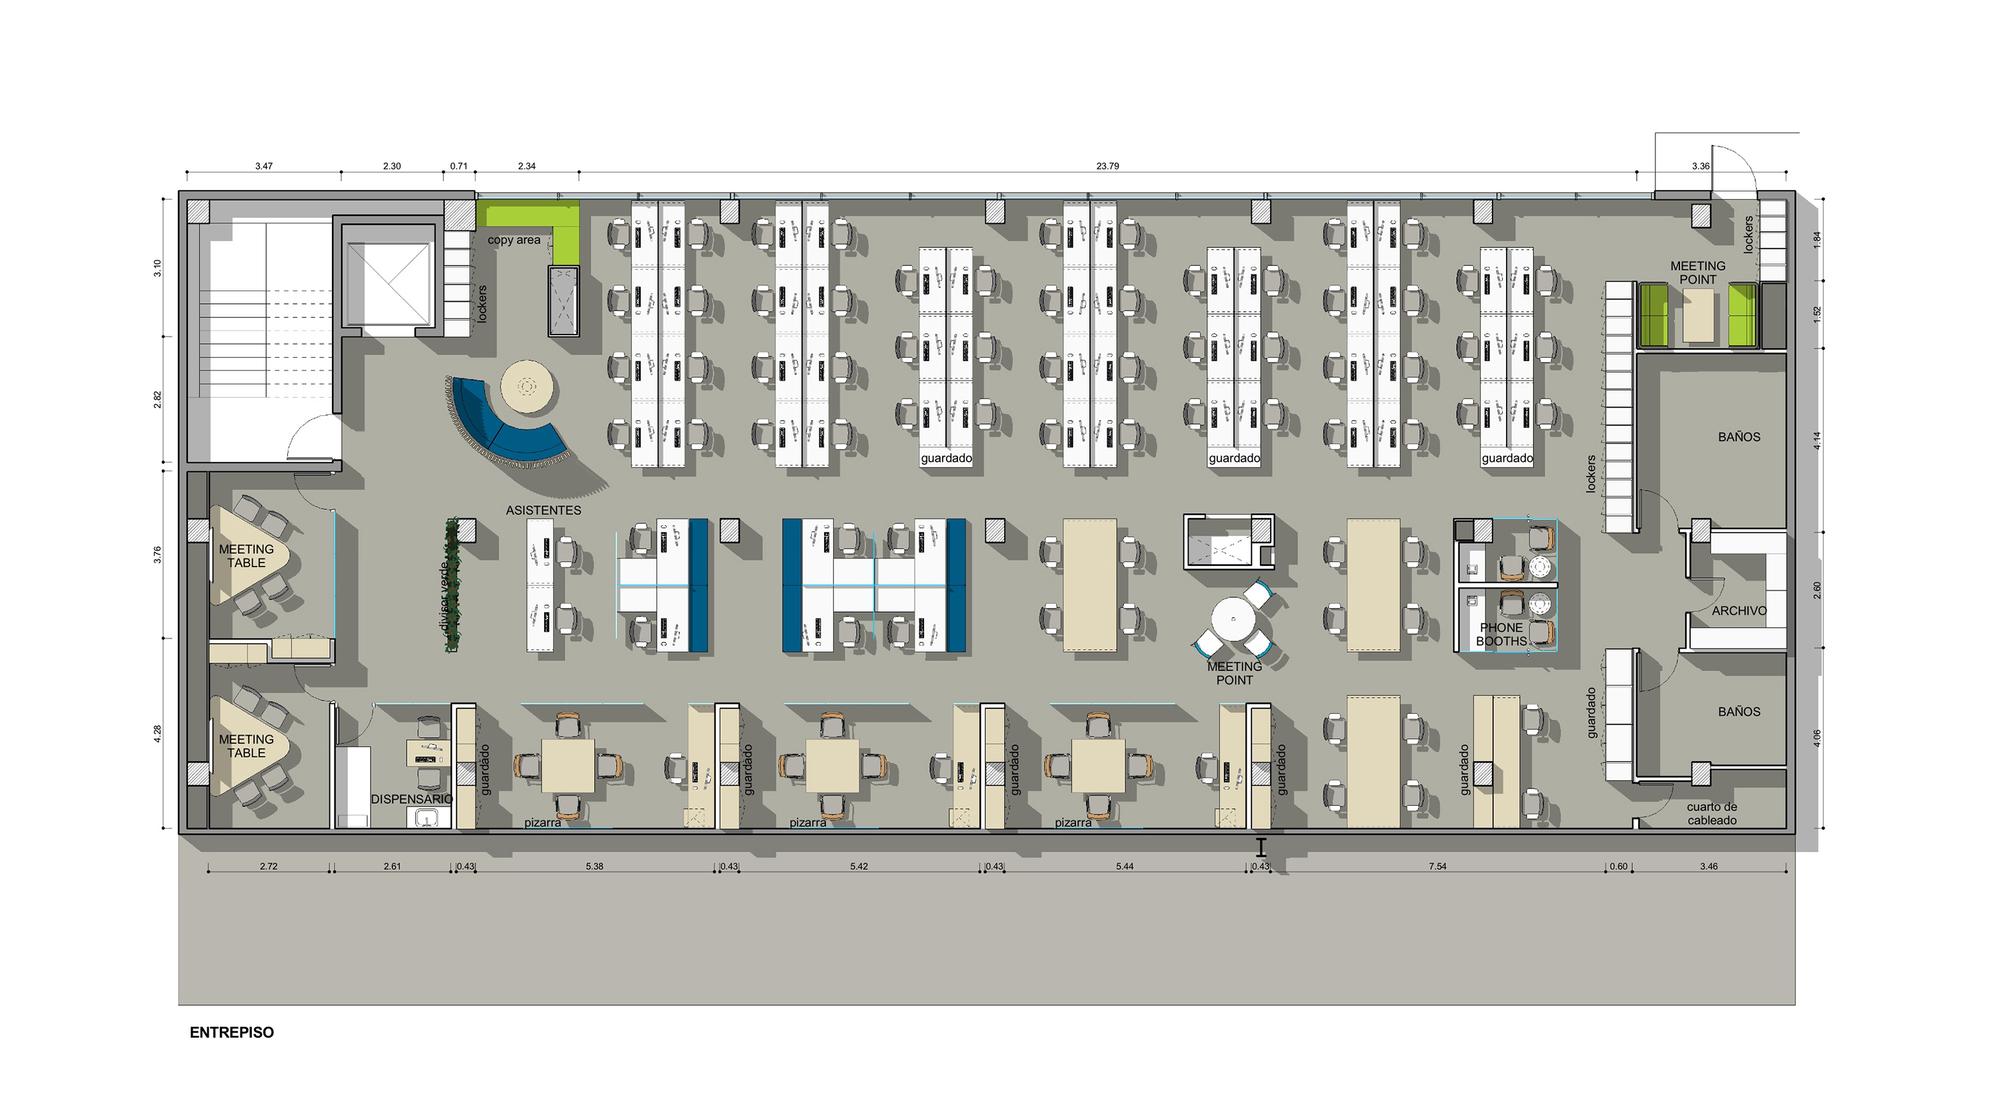 Galer a de oficinas telef nica contract workplaces 17 for Oficinas planta arquitectonica